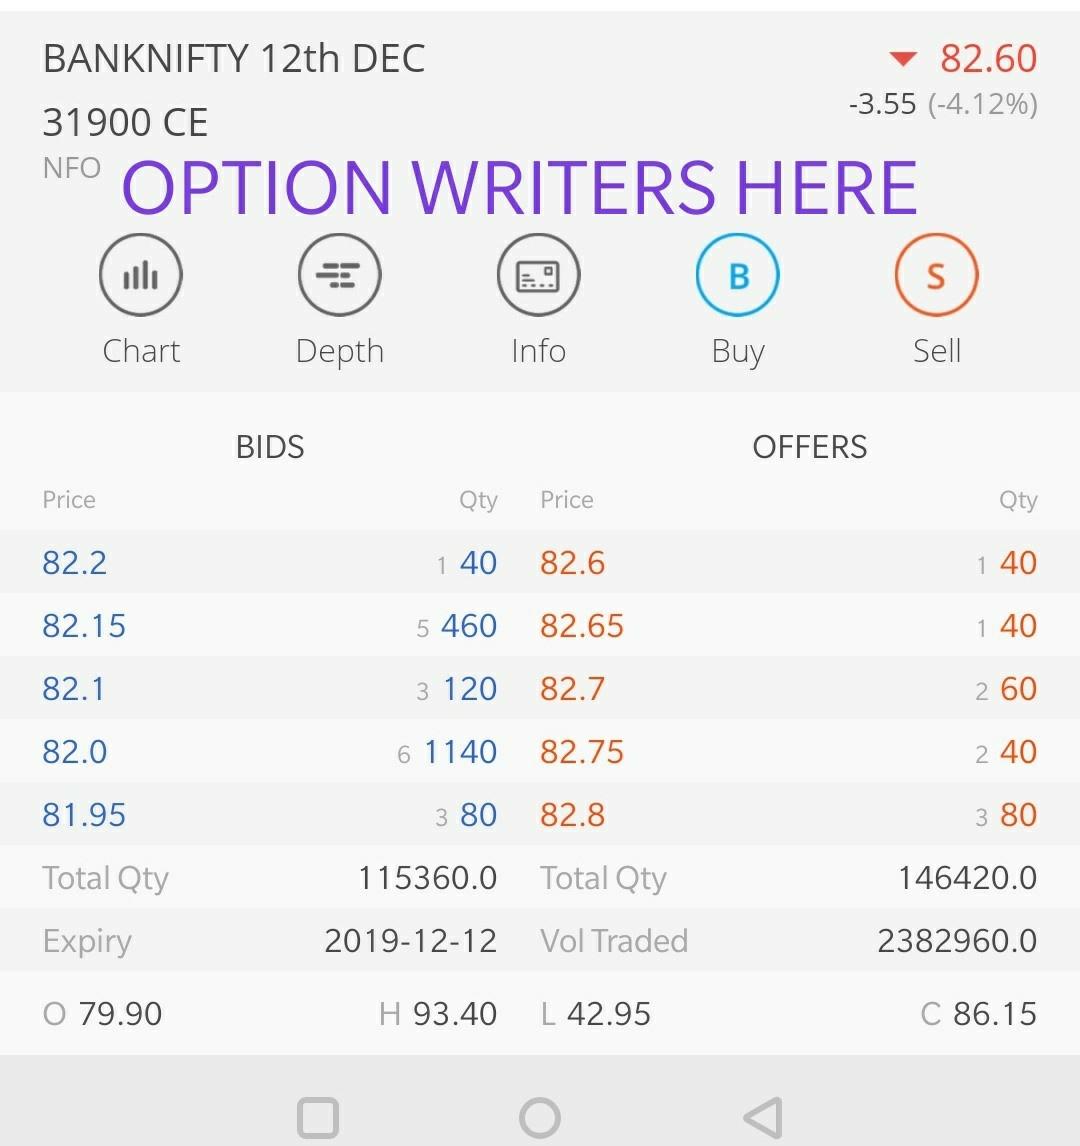 IDX:NIFTY BANK - 473244